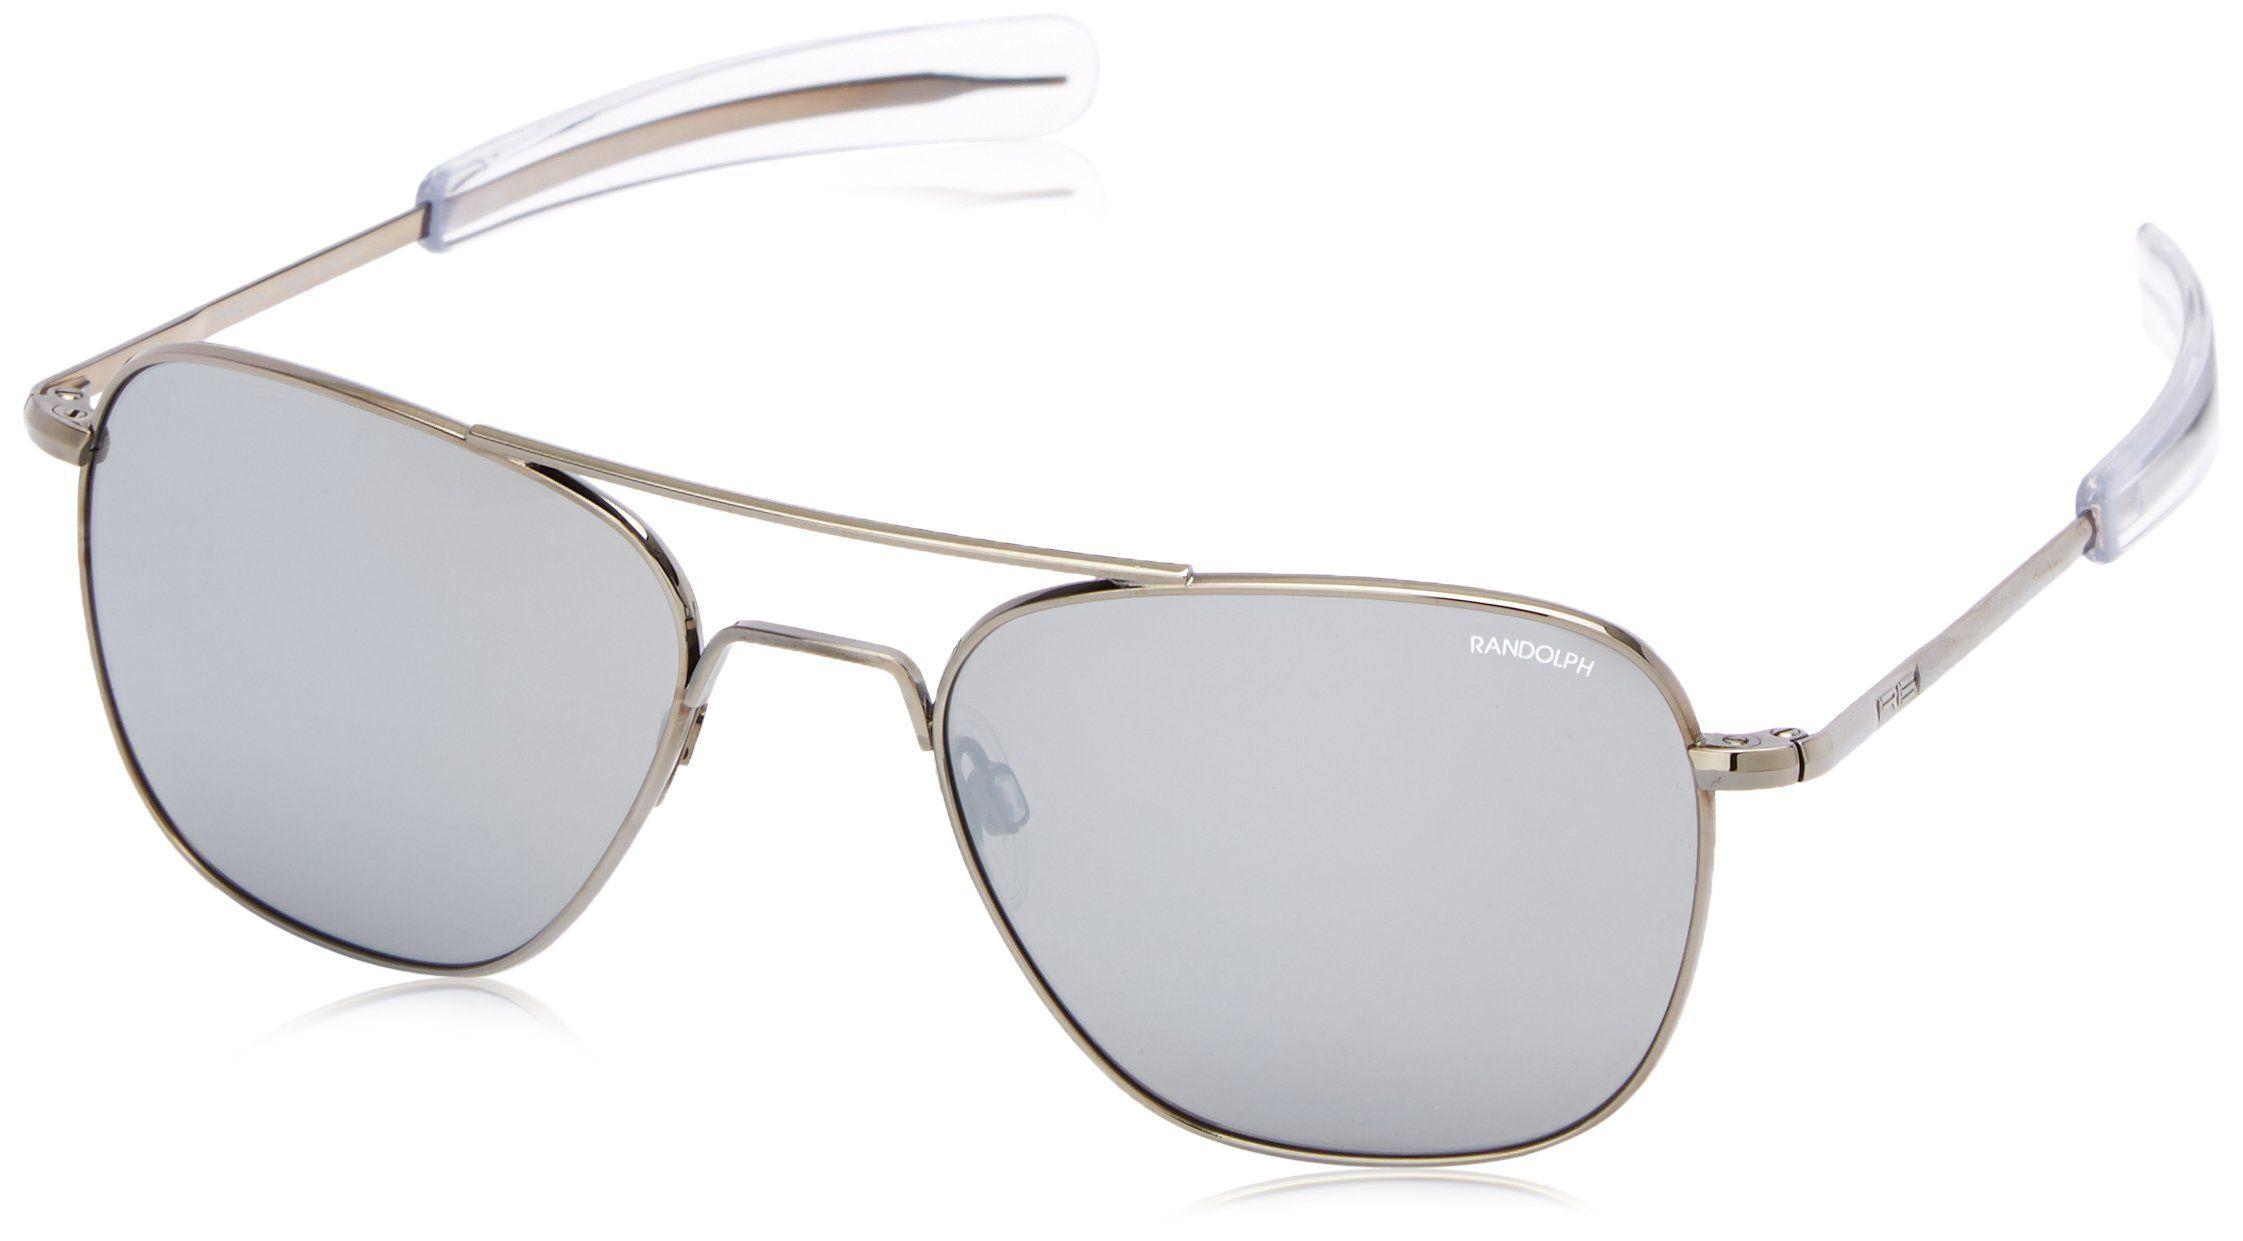 812879c5c91 Randolph Aviator AF5R663 Square Sunglasses